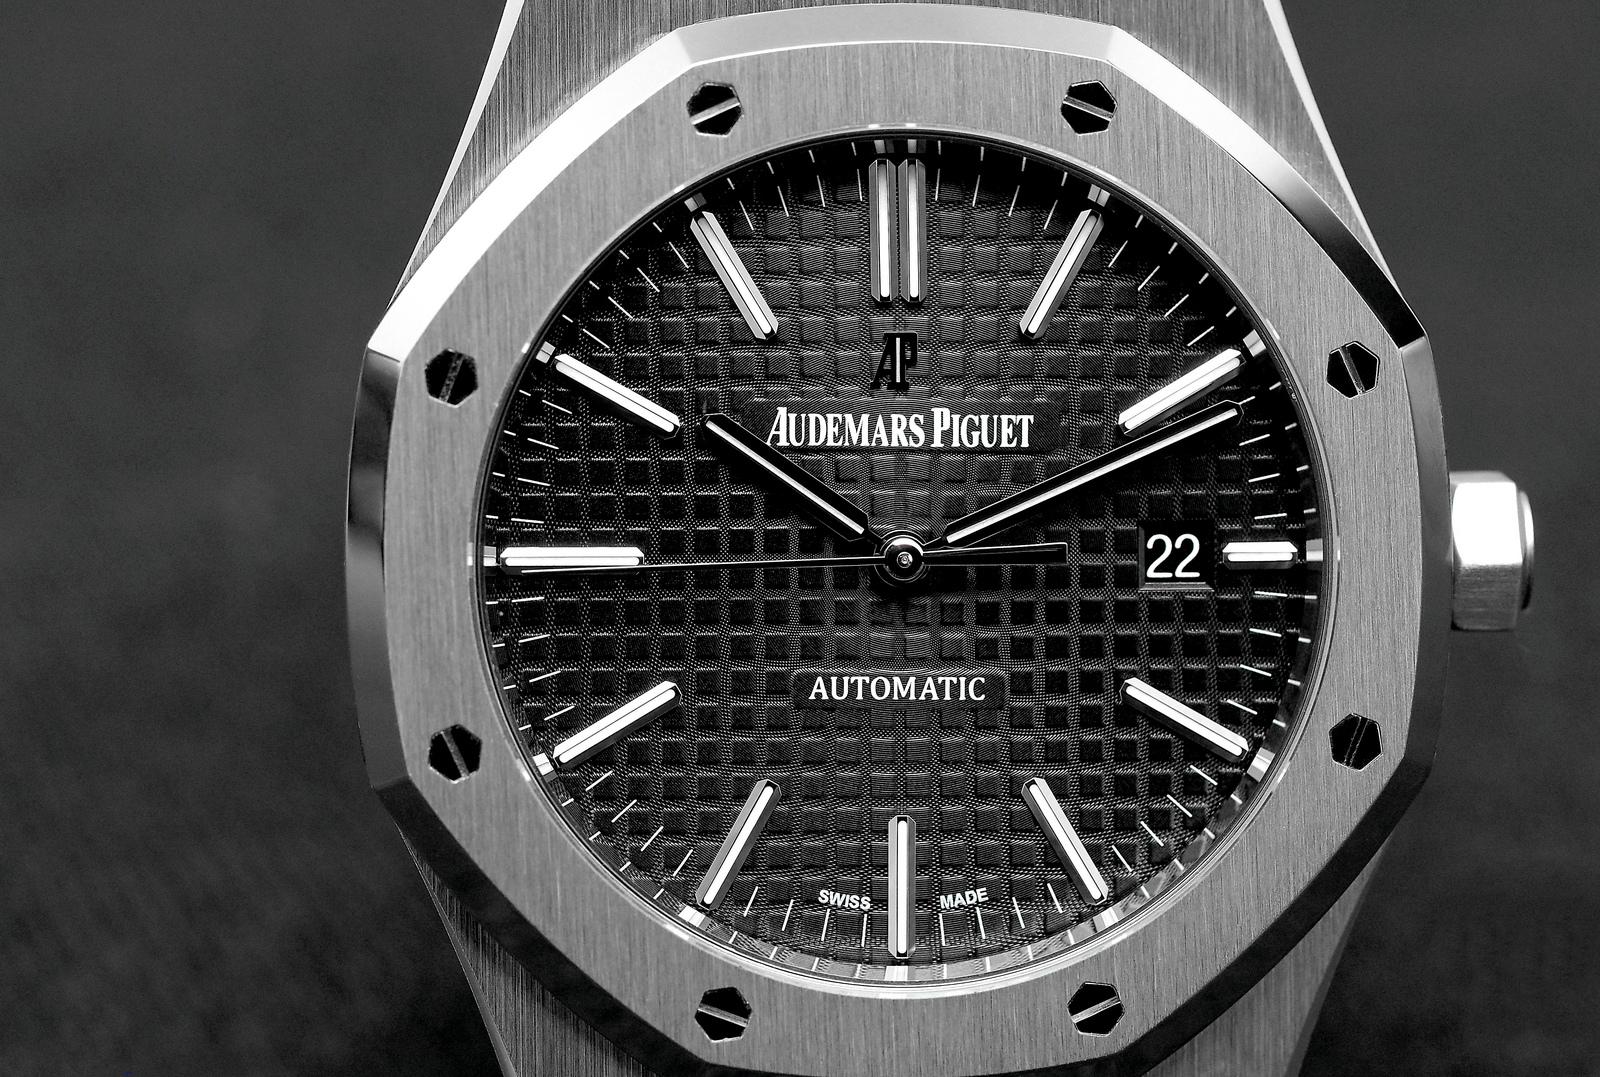 Best Swiss Audemars Piguet Royal Oak Replica Watches